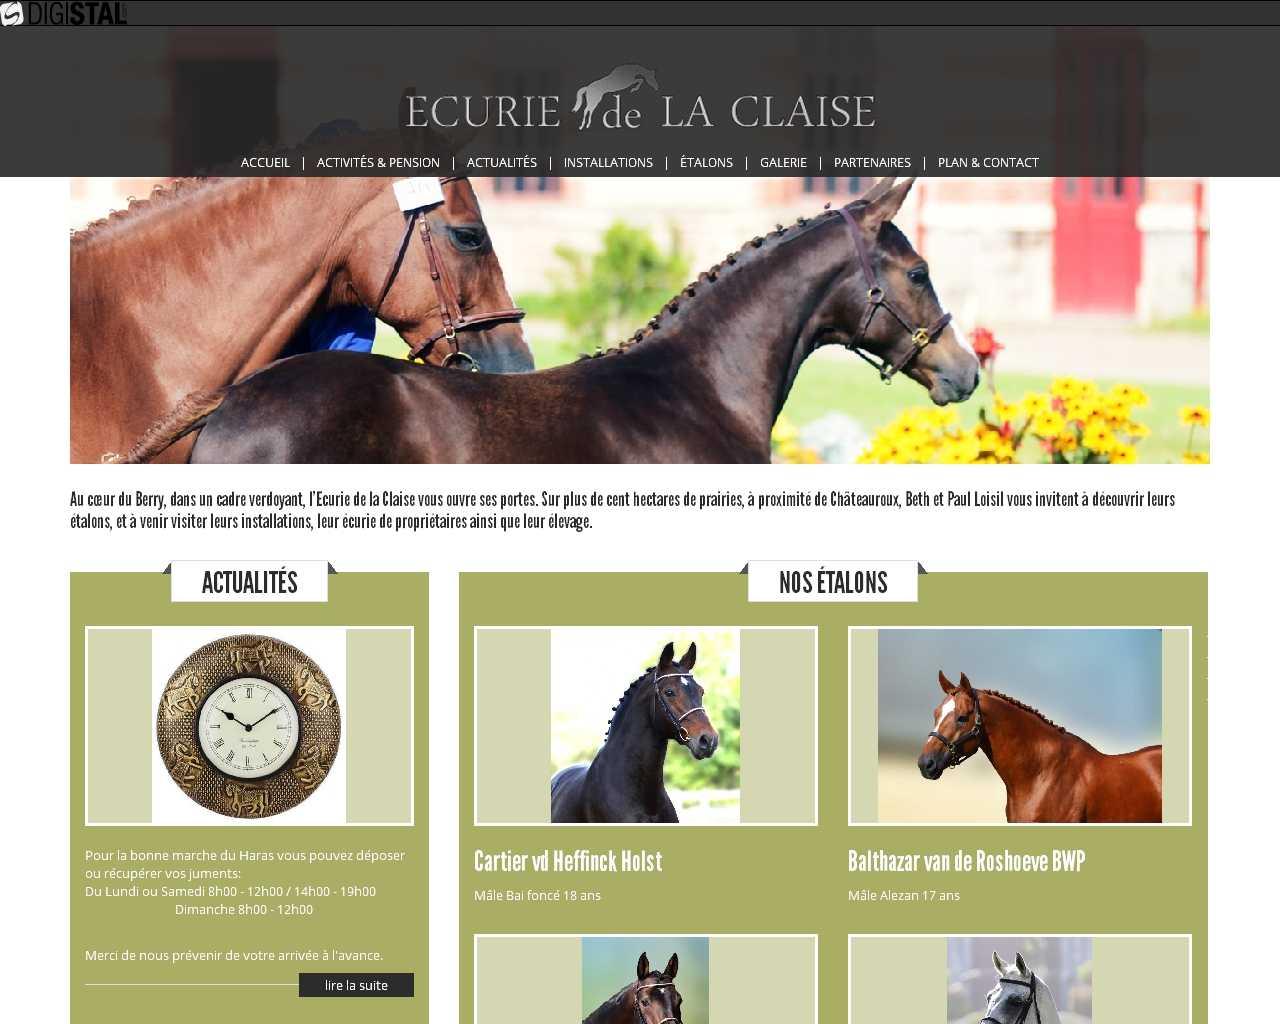 Visuel du site Ecurie de la Claise